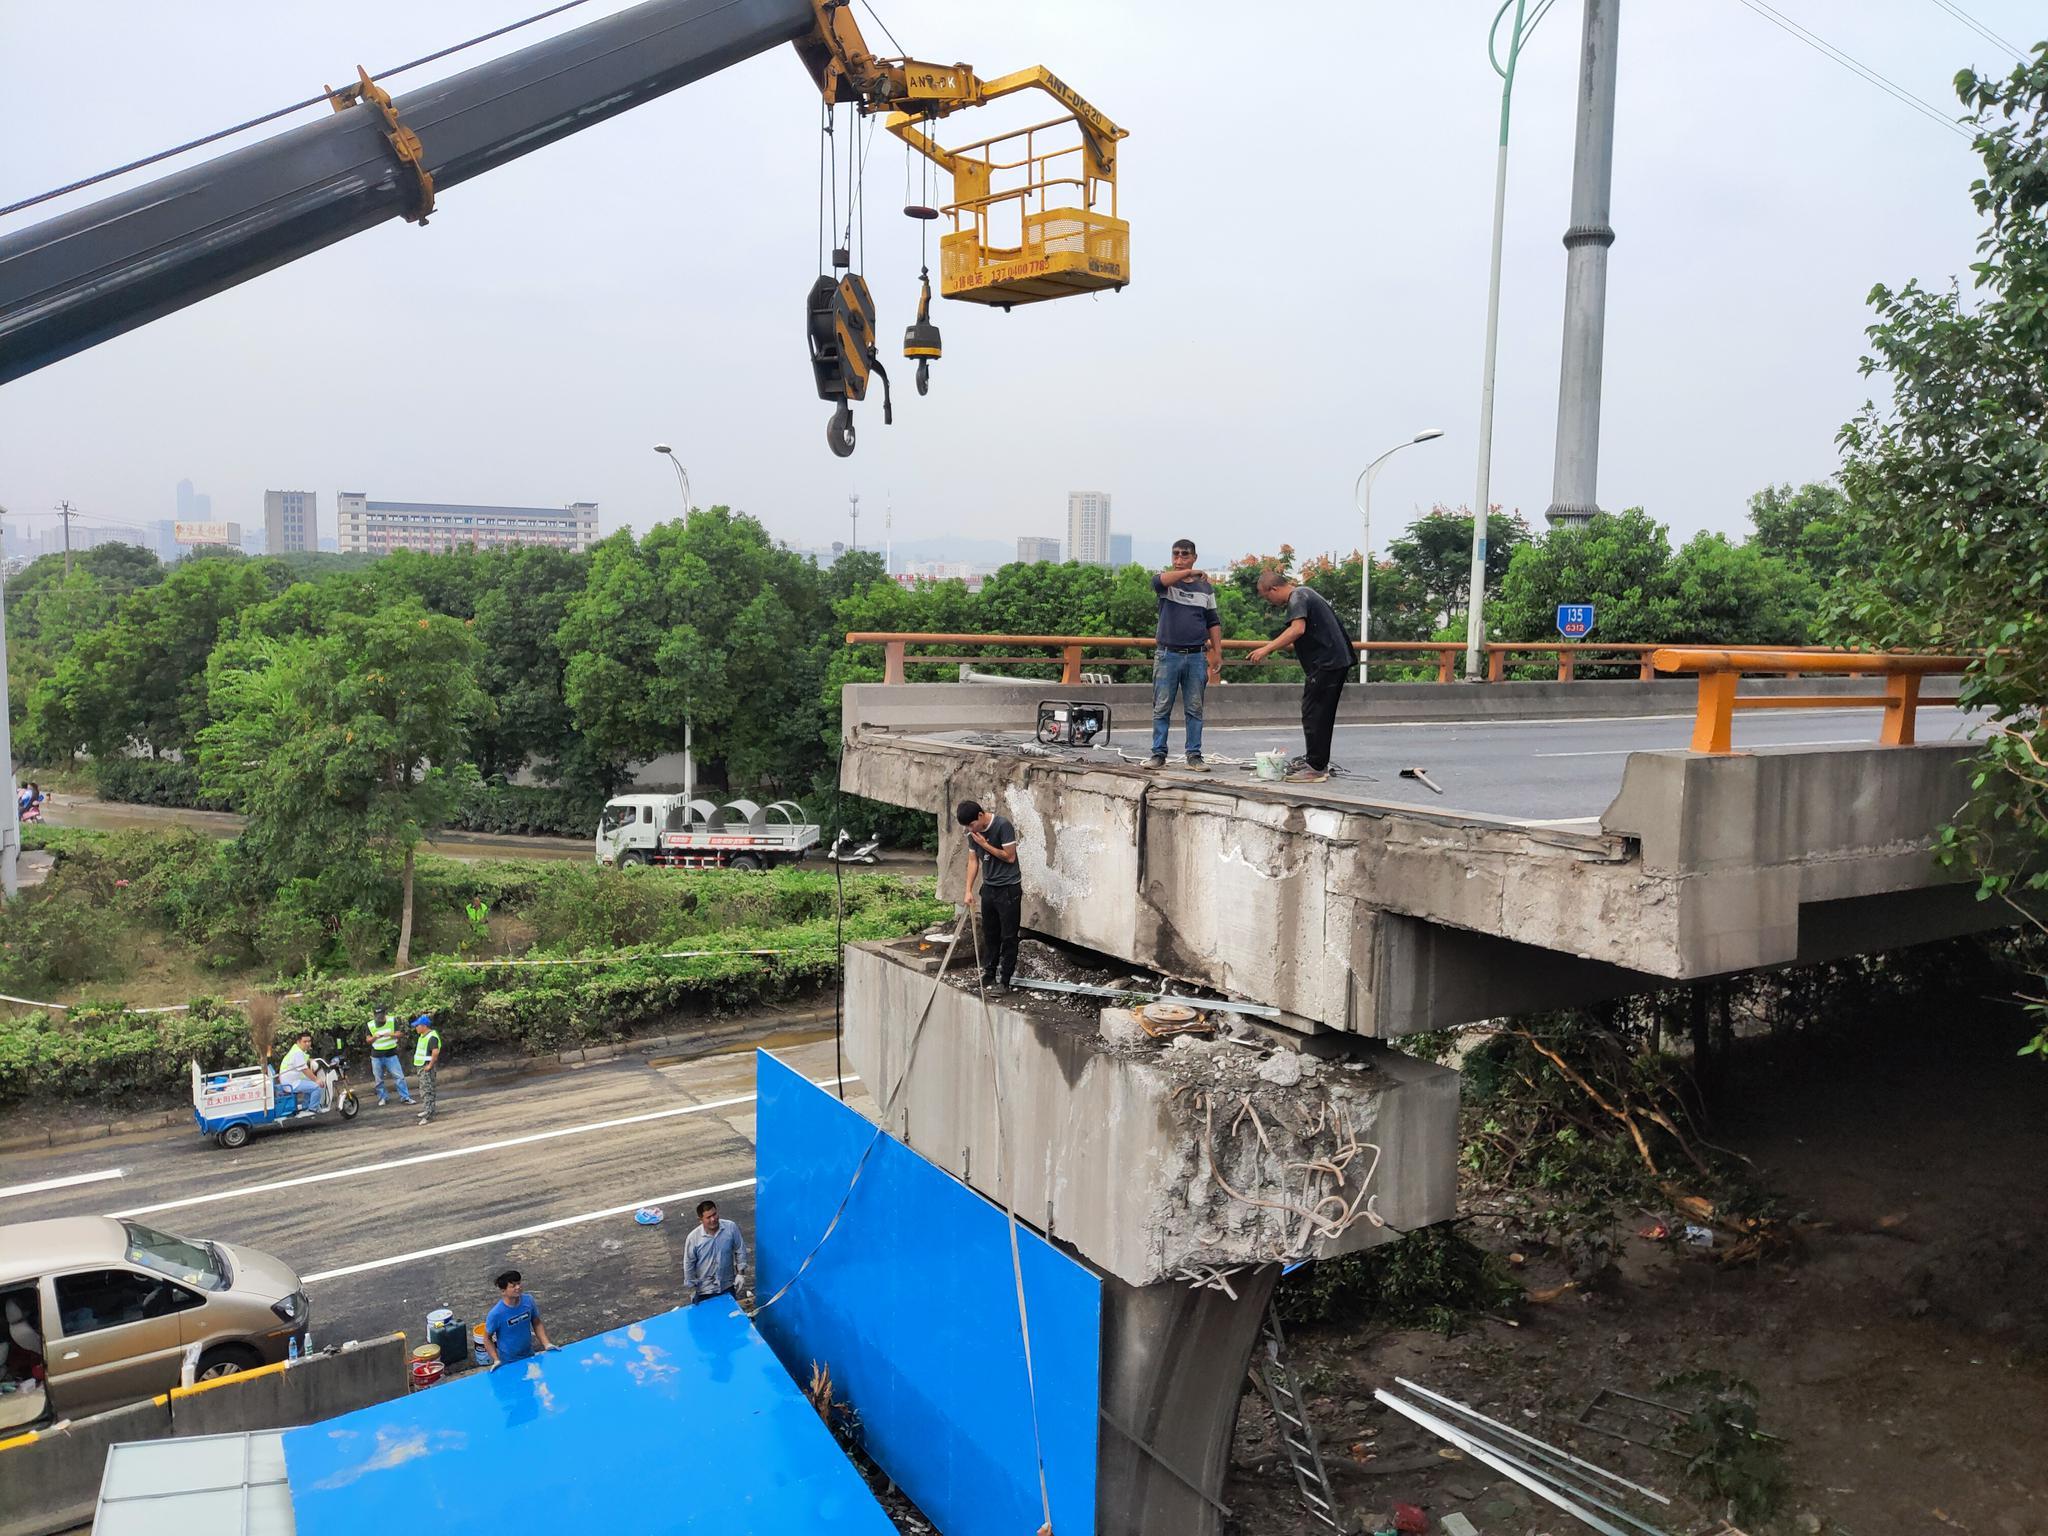 工人在事发桥梁部分加装围挡。新京报记者 康佳 摄